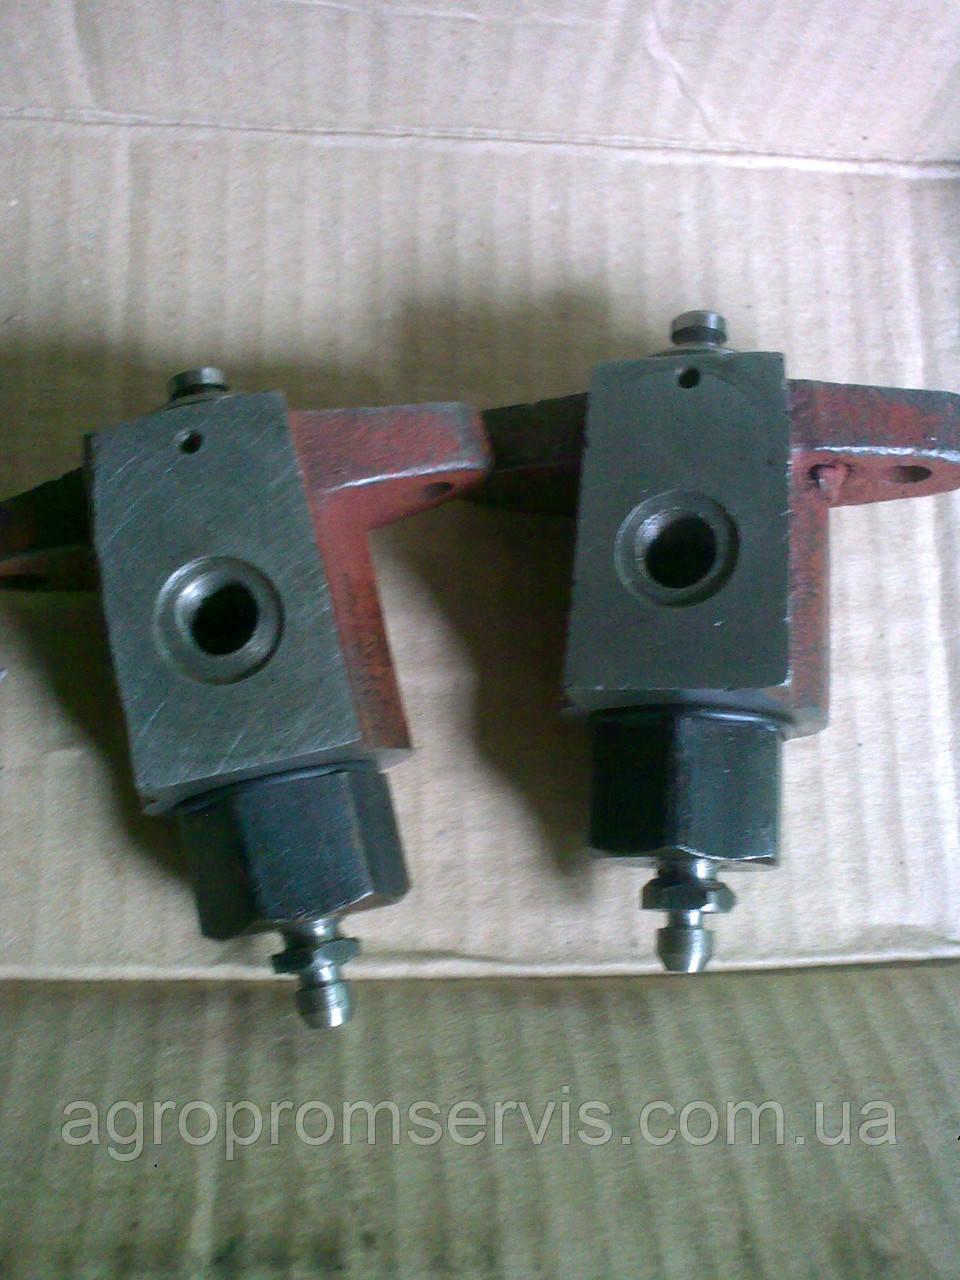 Гидроцилиндр блокировки диапазонов 3518020-42180